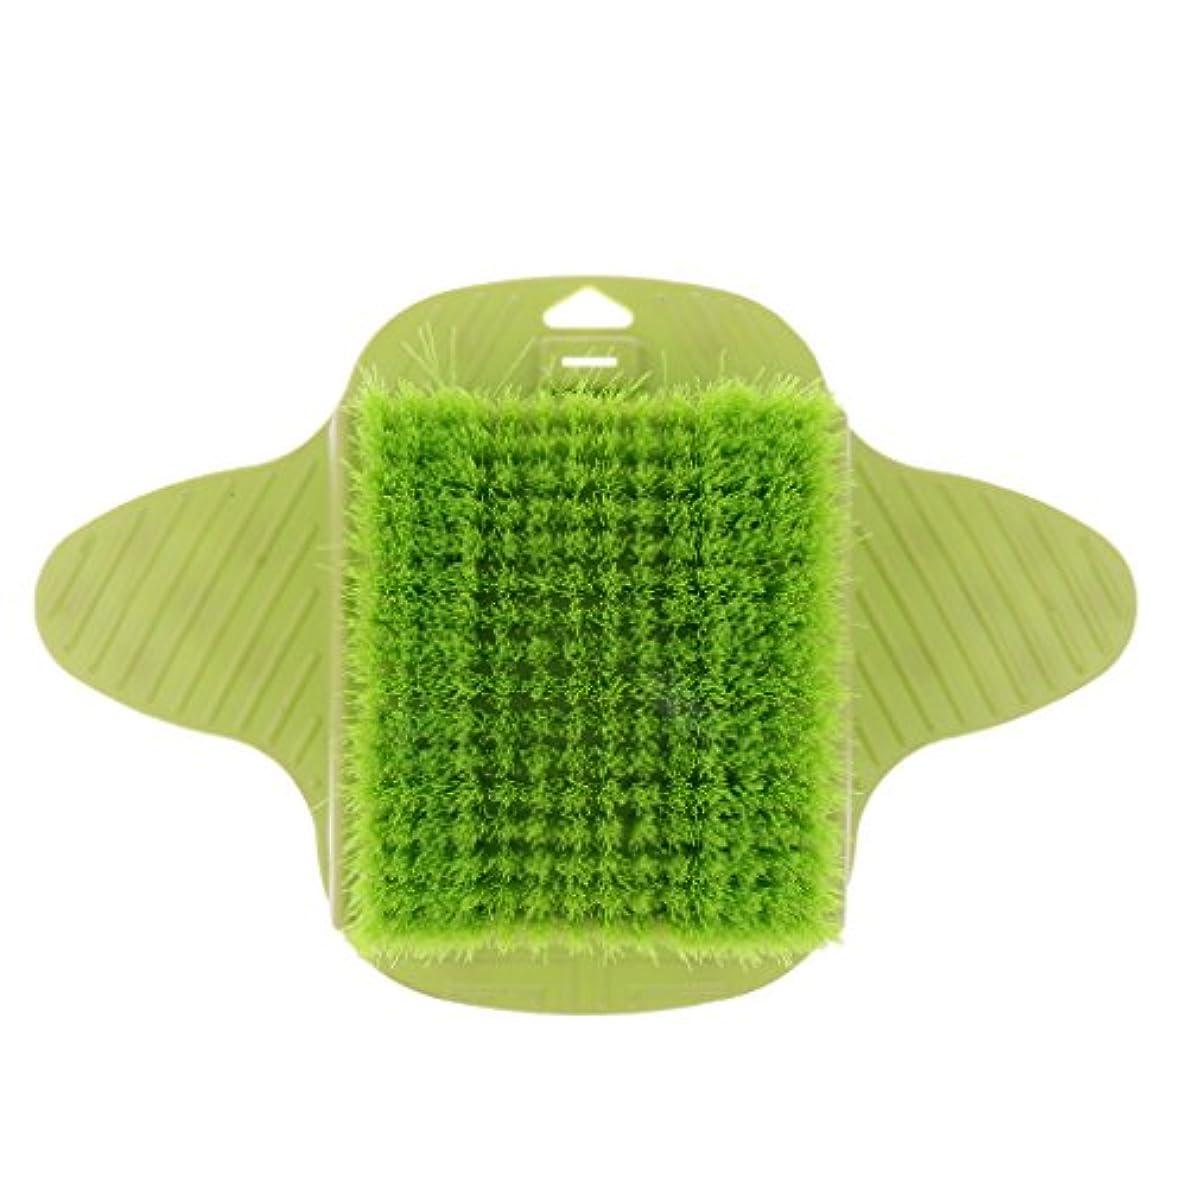 ファントム労働対称Fenteer 足底清潔 マッサージブラシ ブラシ 足ケア 子供や大人 ストレス解消 快適 リラックス シャワー 健康ツール